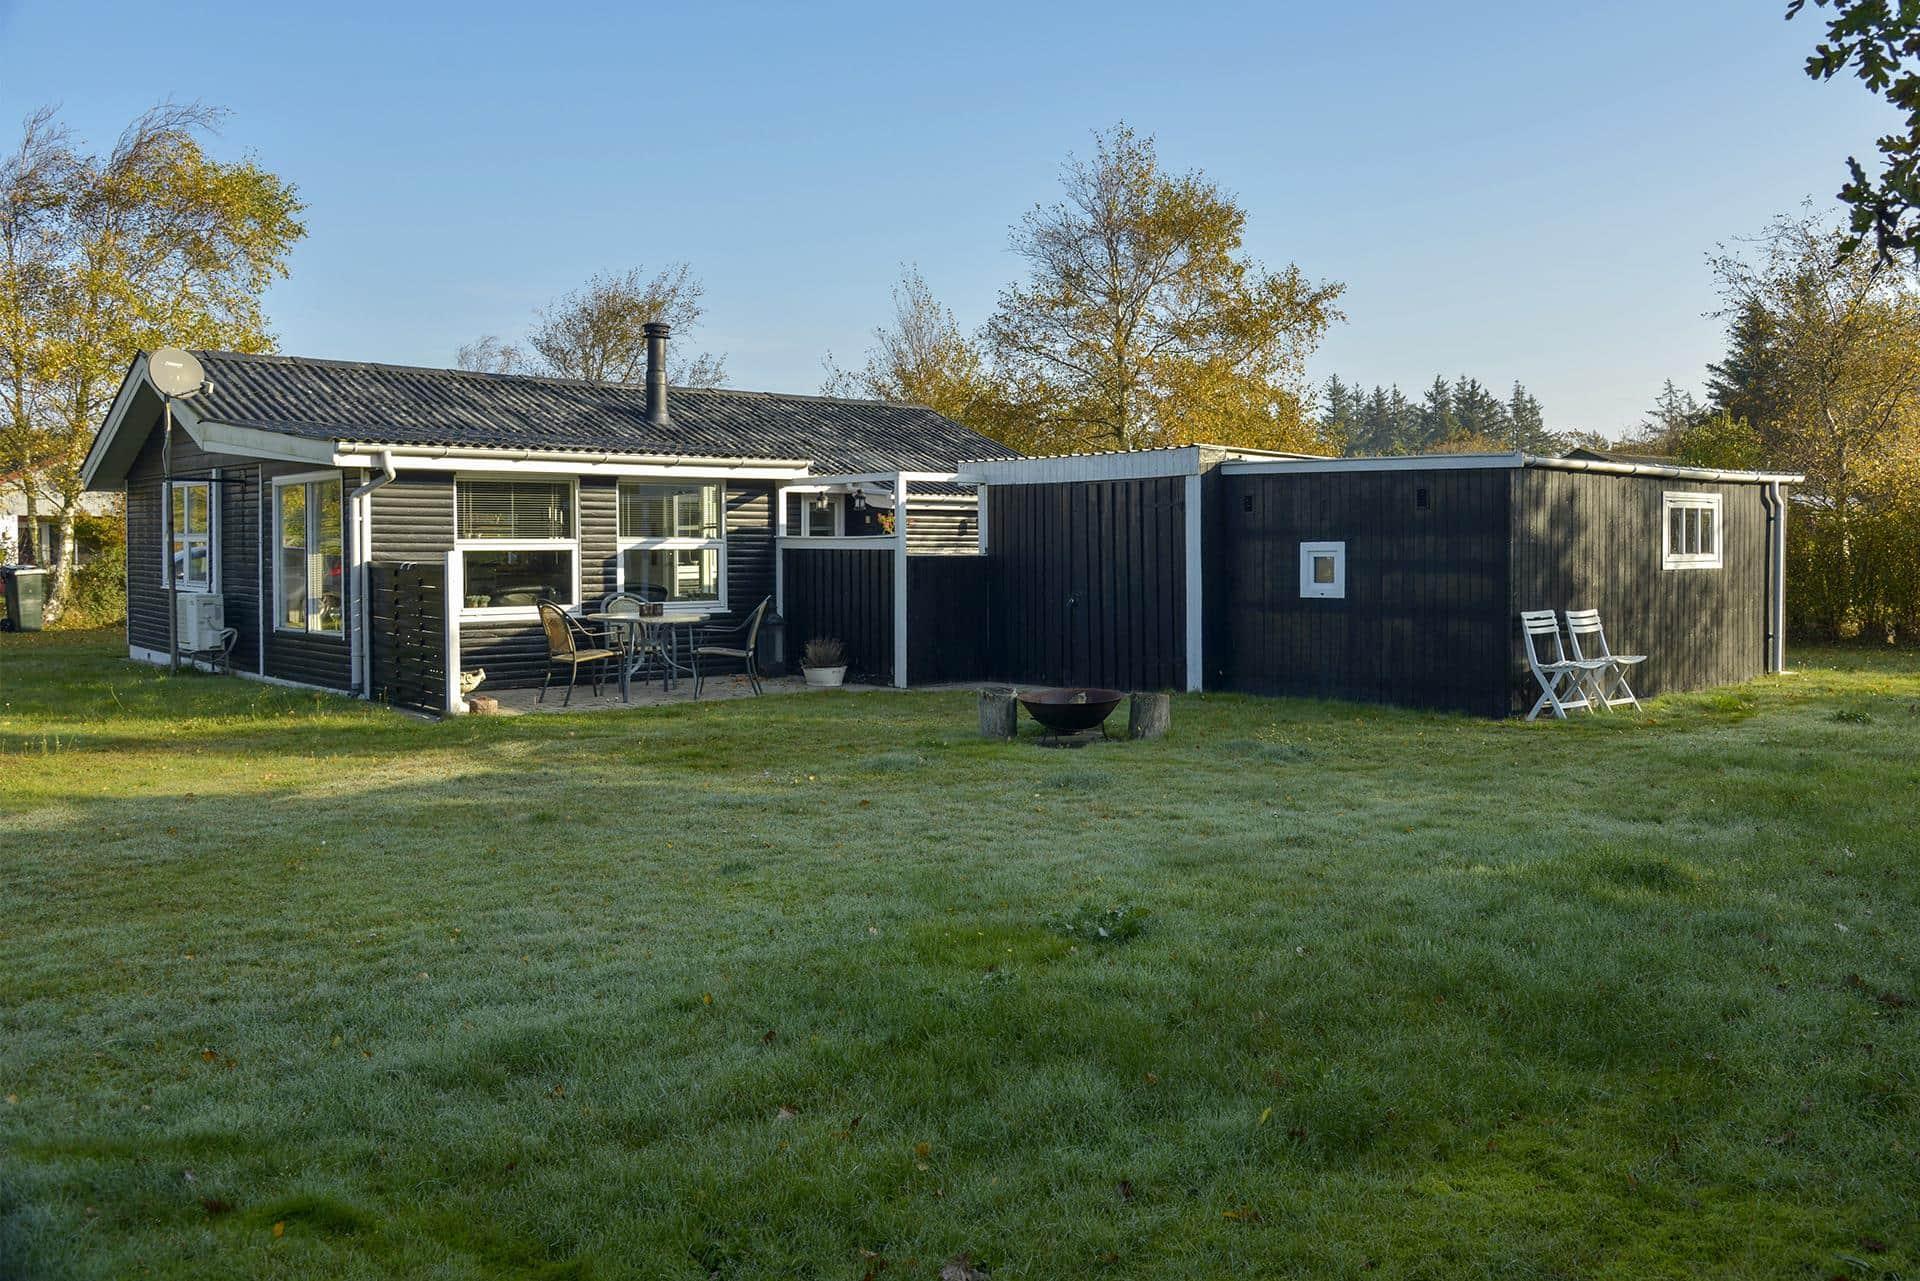 Afbeelding 1-175 Vakantiehuis 30258, Røllikevej 153, DK - 6990 Ulfborg